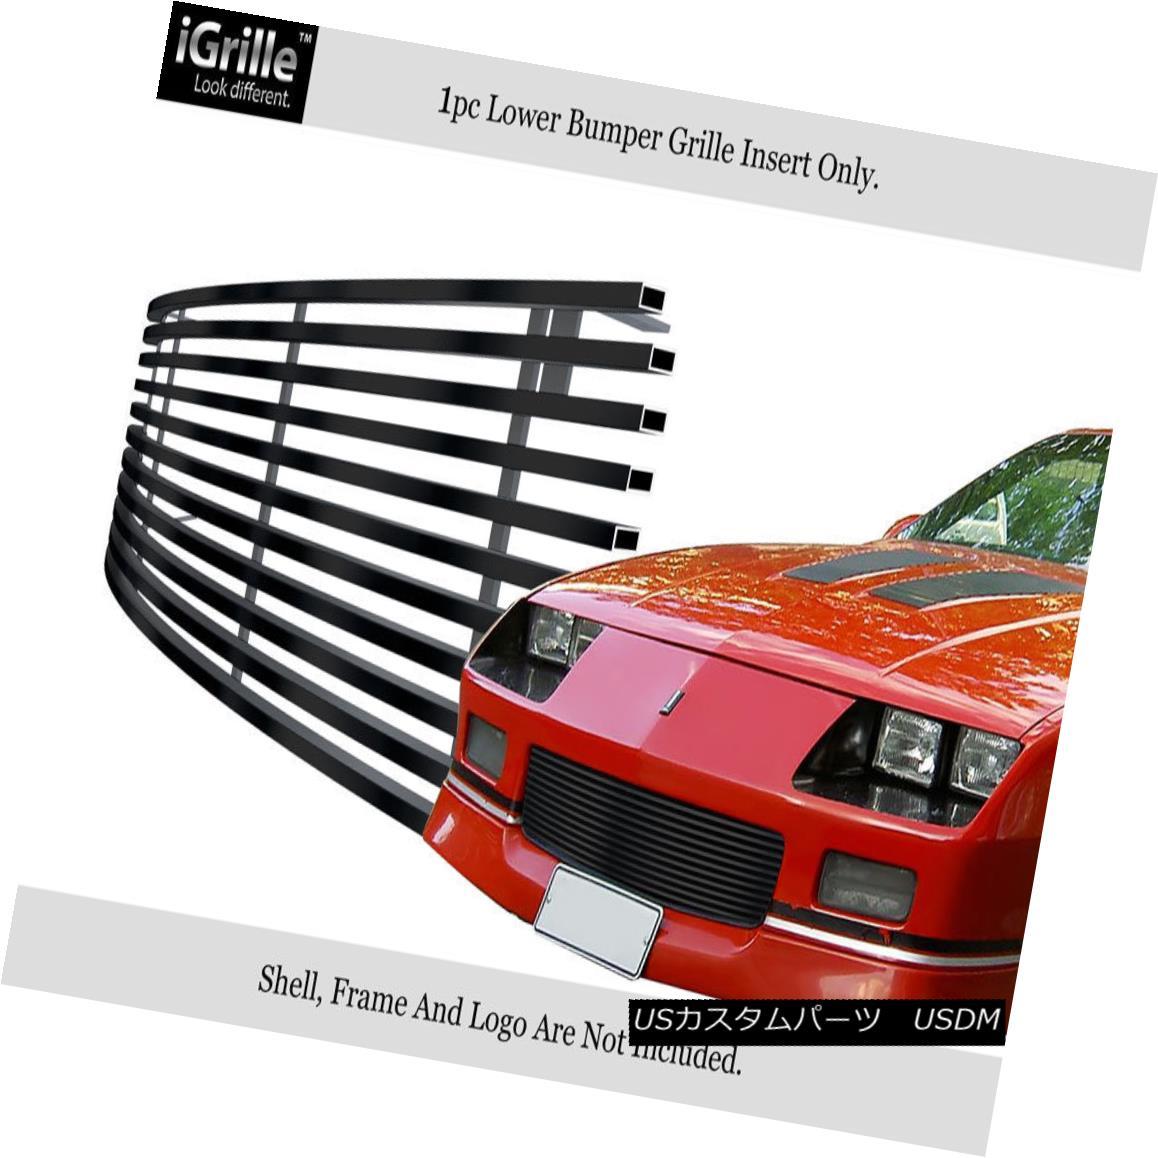 グリル Fits 1988-1992 Chevy Camaro Bumper Black Stainless Steel Billet Grille フィット1988-1992シボレーカンパニーバンパー黒ステンレス鋼ビレットグリル